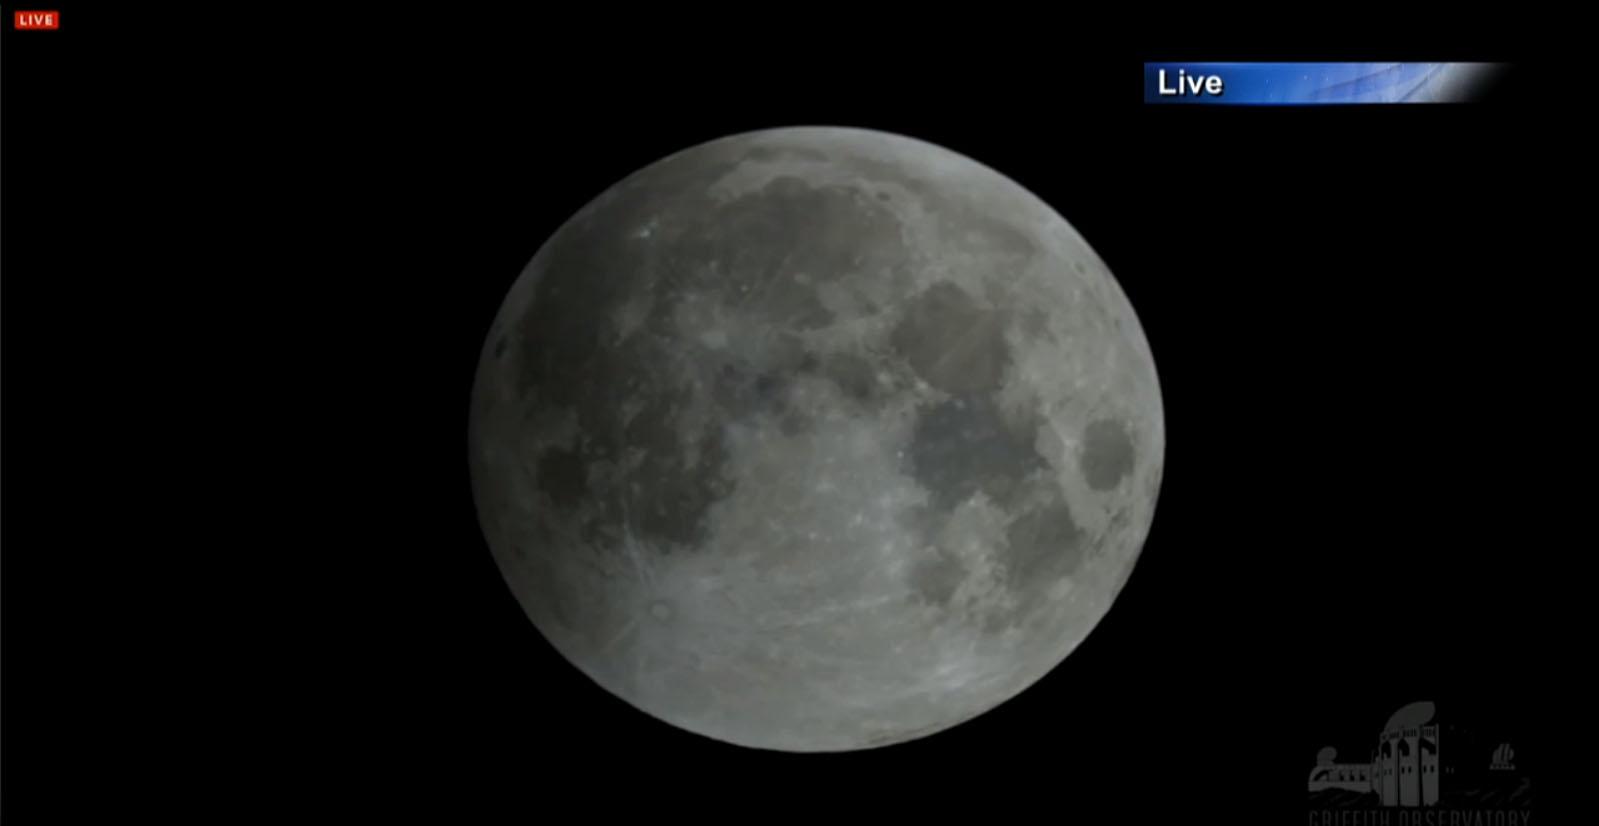 Total Lunar Eclipse of Oct. 8, 2014 Begins